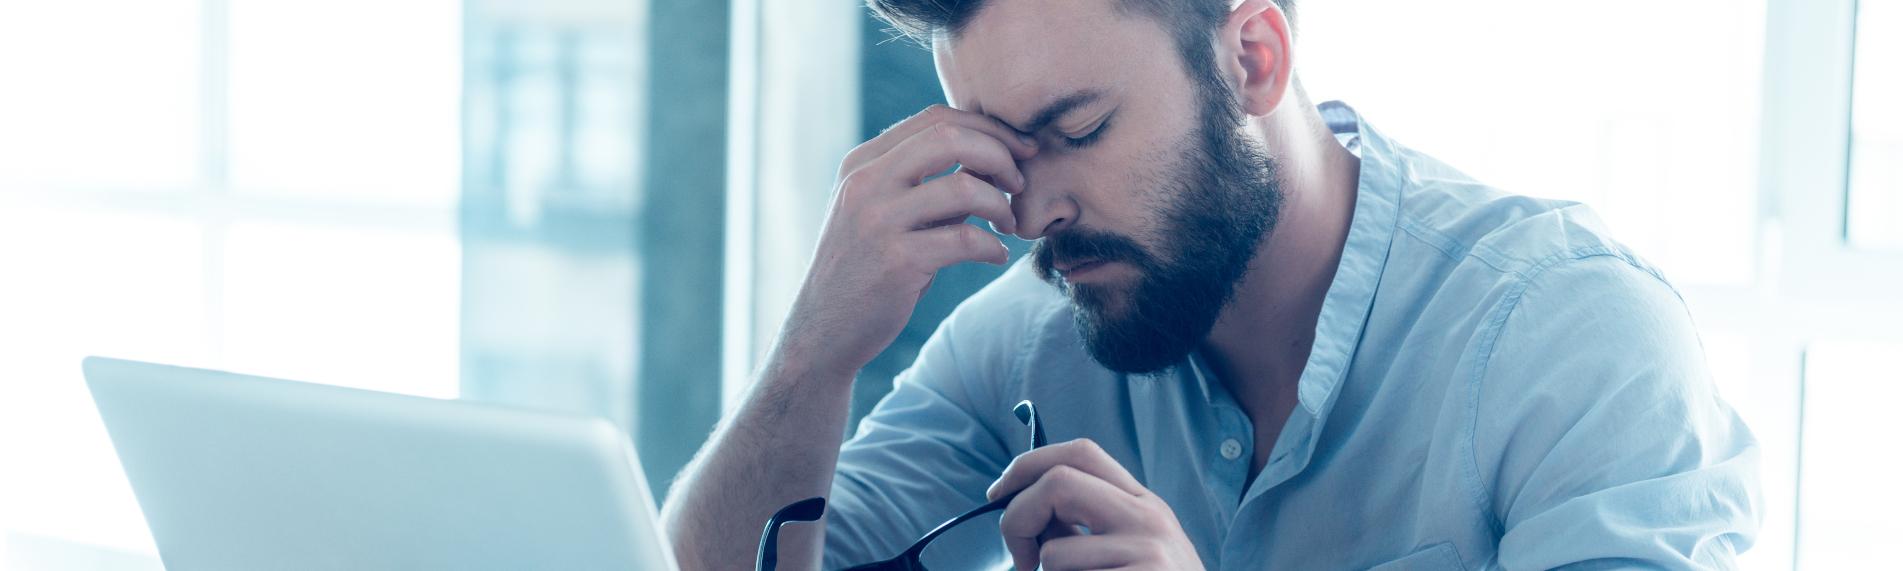 Torr luft och dåligt inomhusklimat försvagar vårt immunförsvar